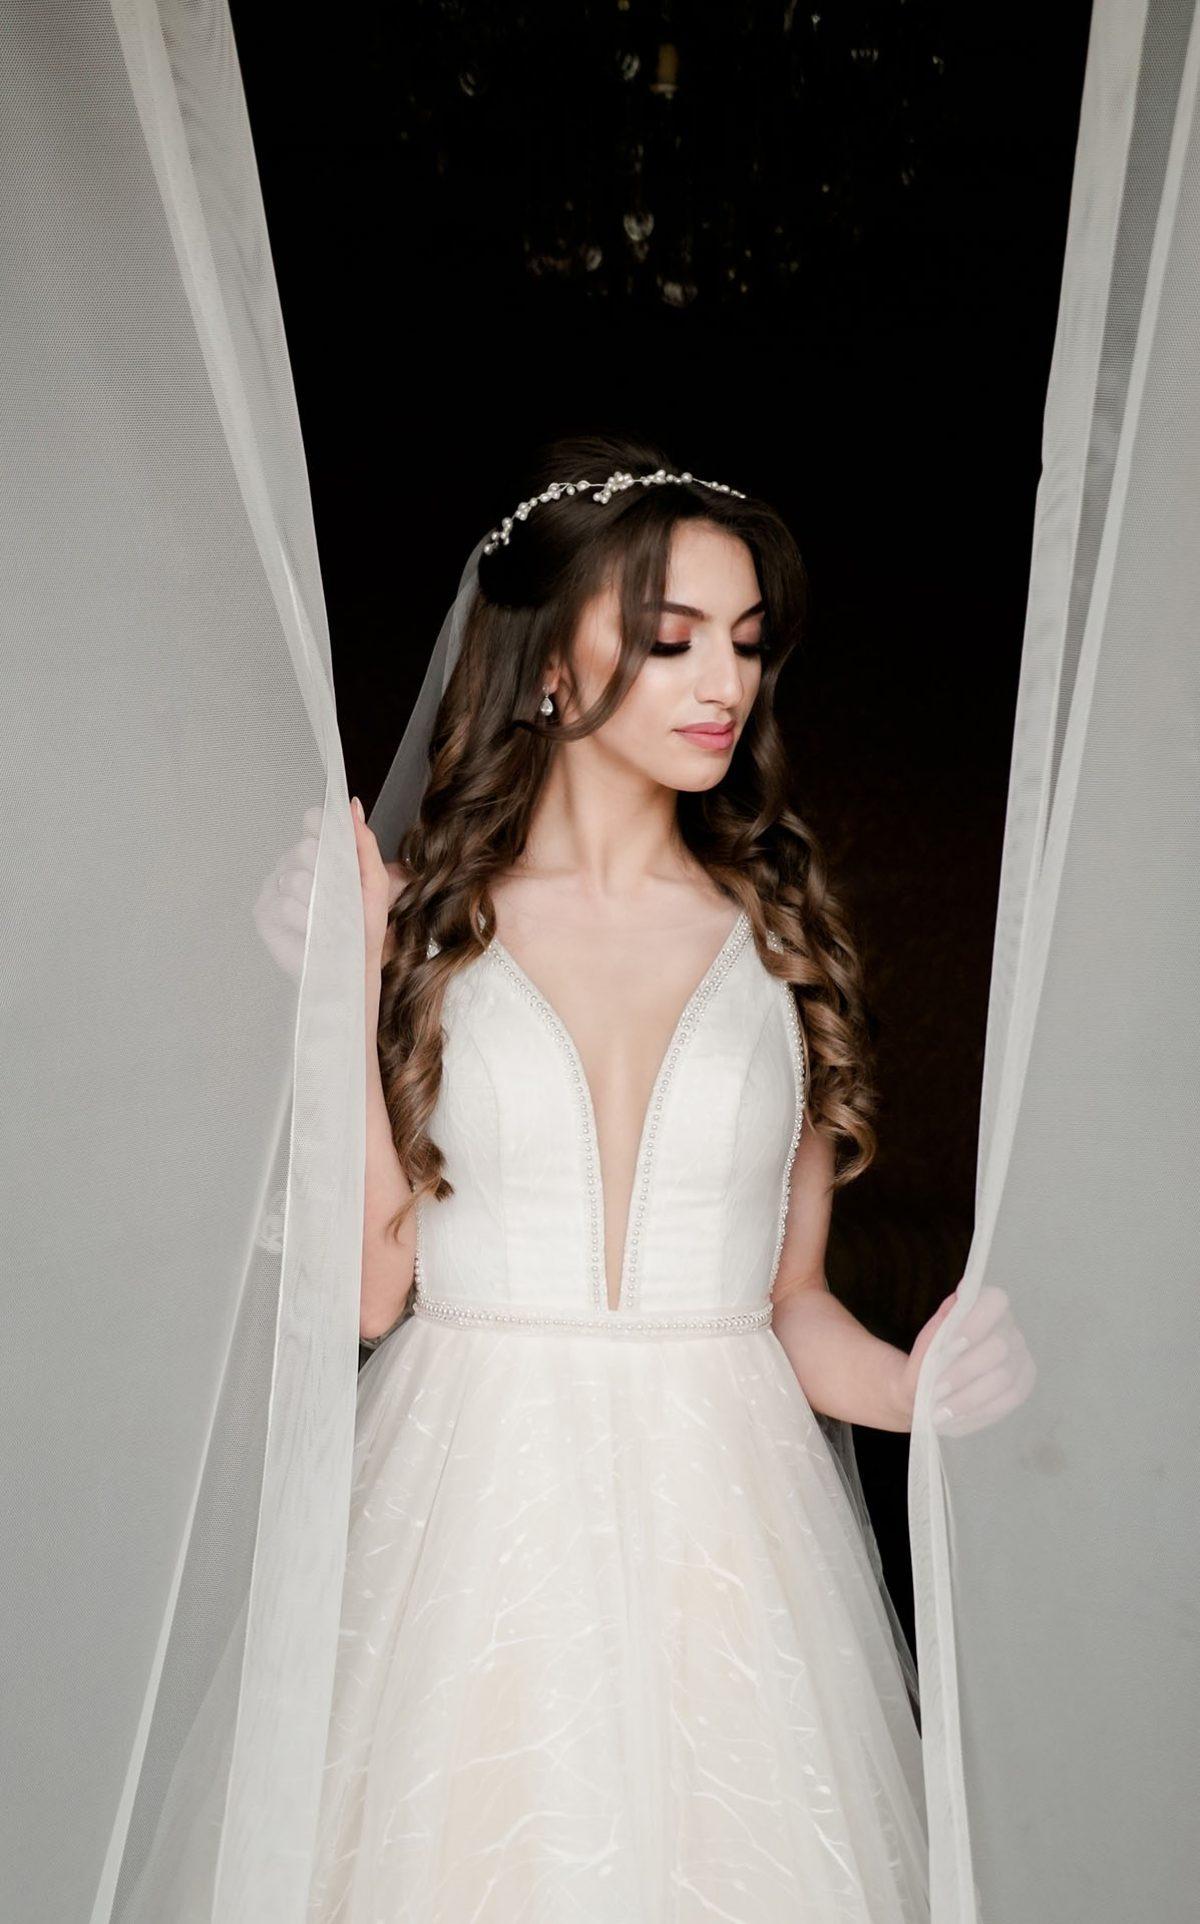 Свадебная фотосессия - 2 - Ninel.Photo